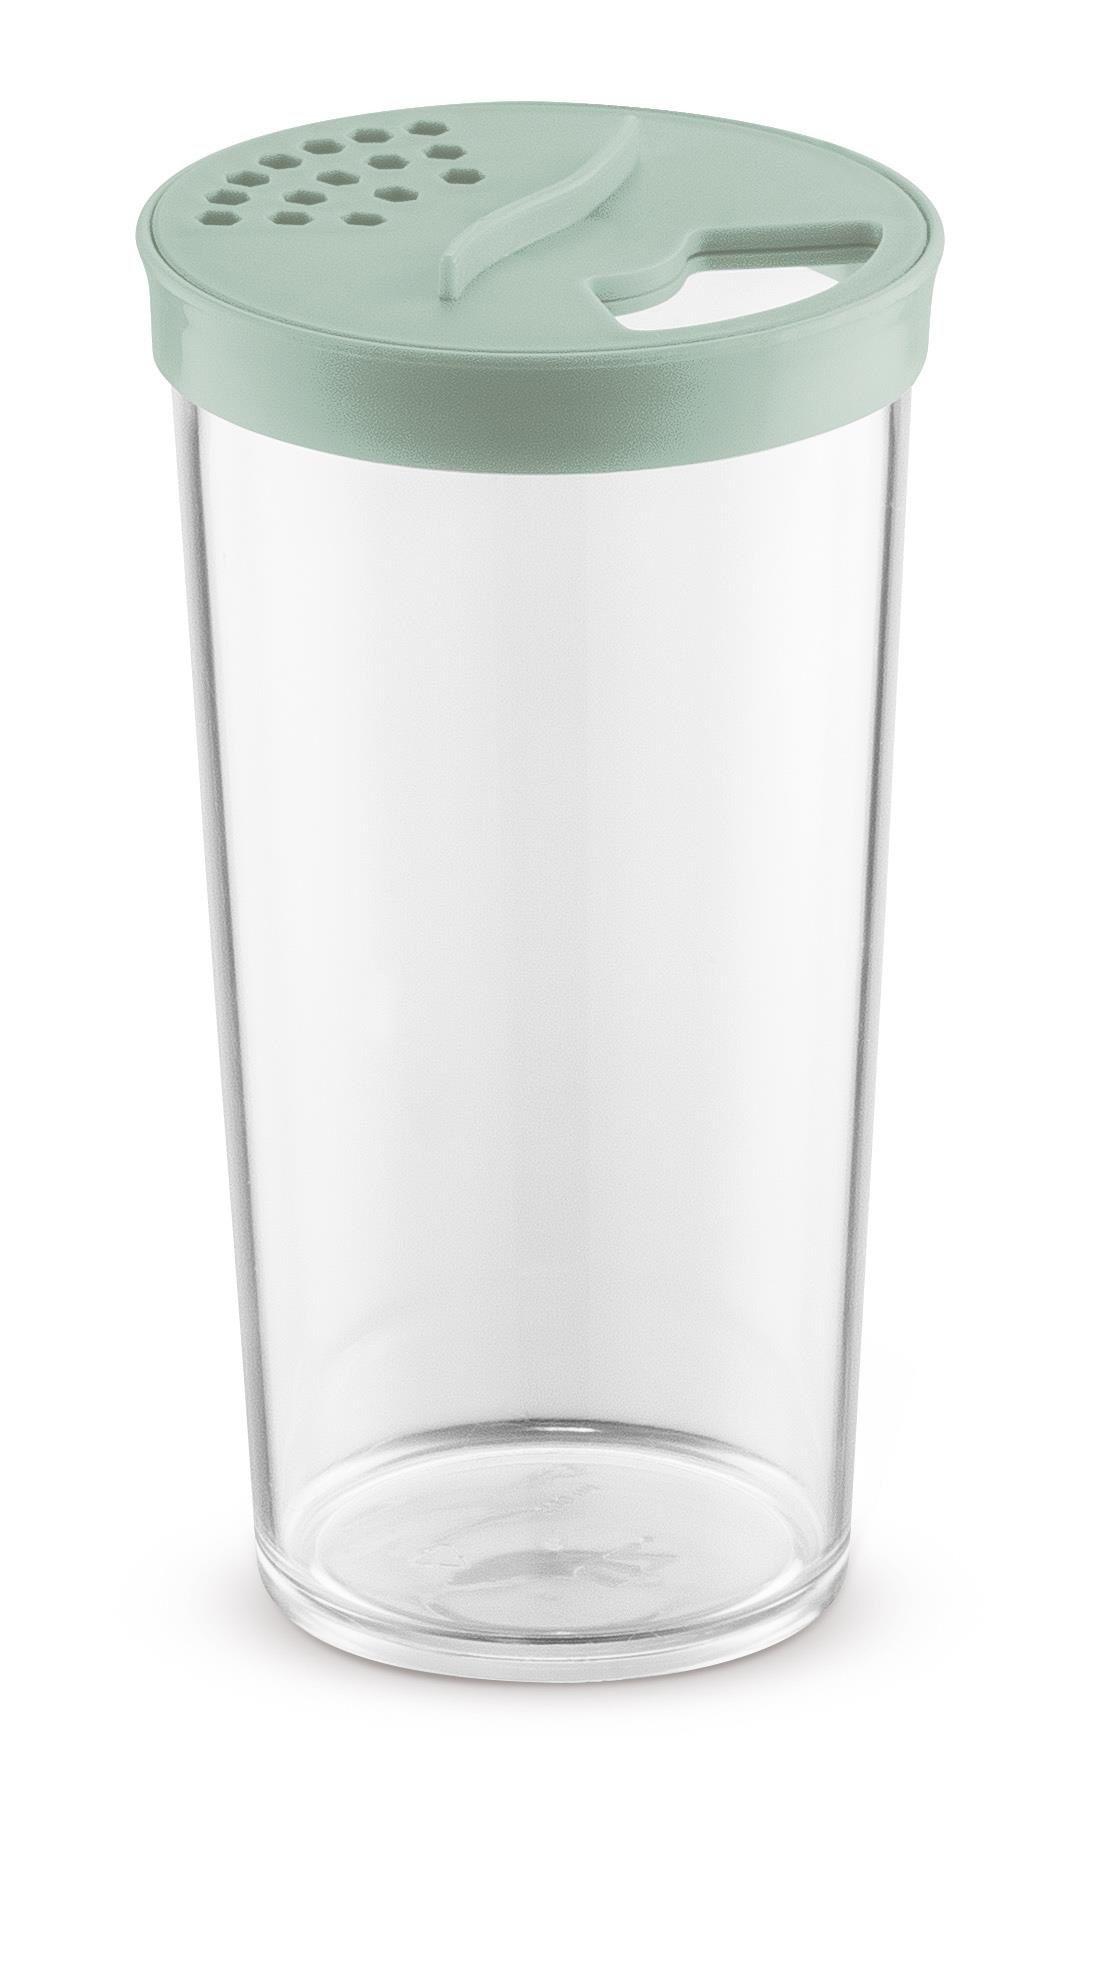 Farinheiro Grande 500ml Plástico Acrílico Uz Verde Menta